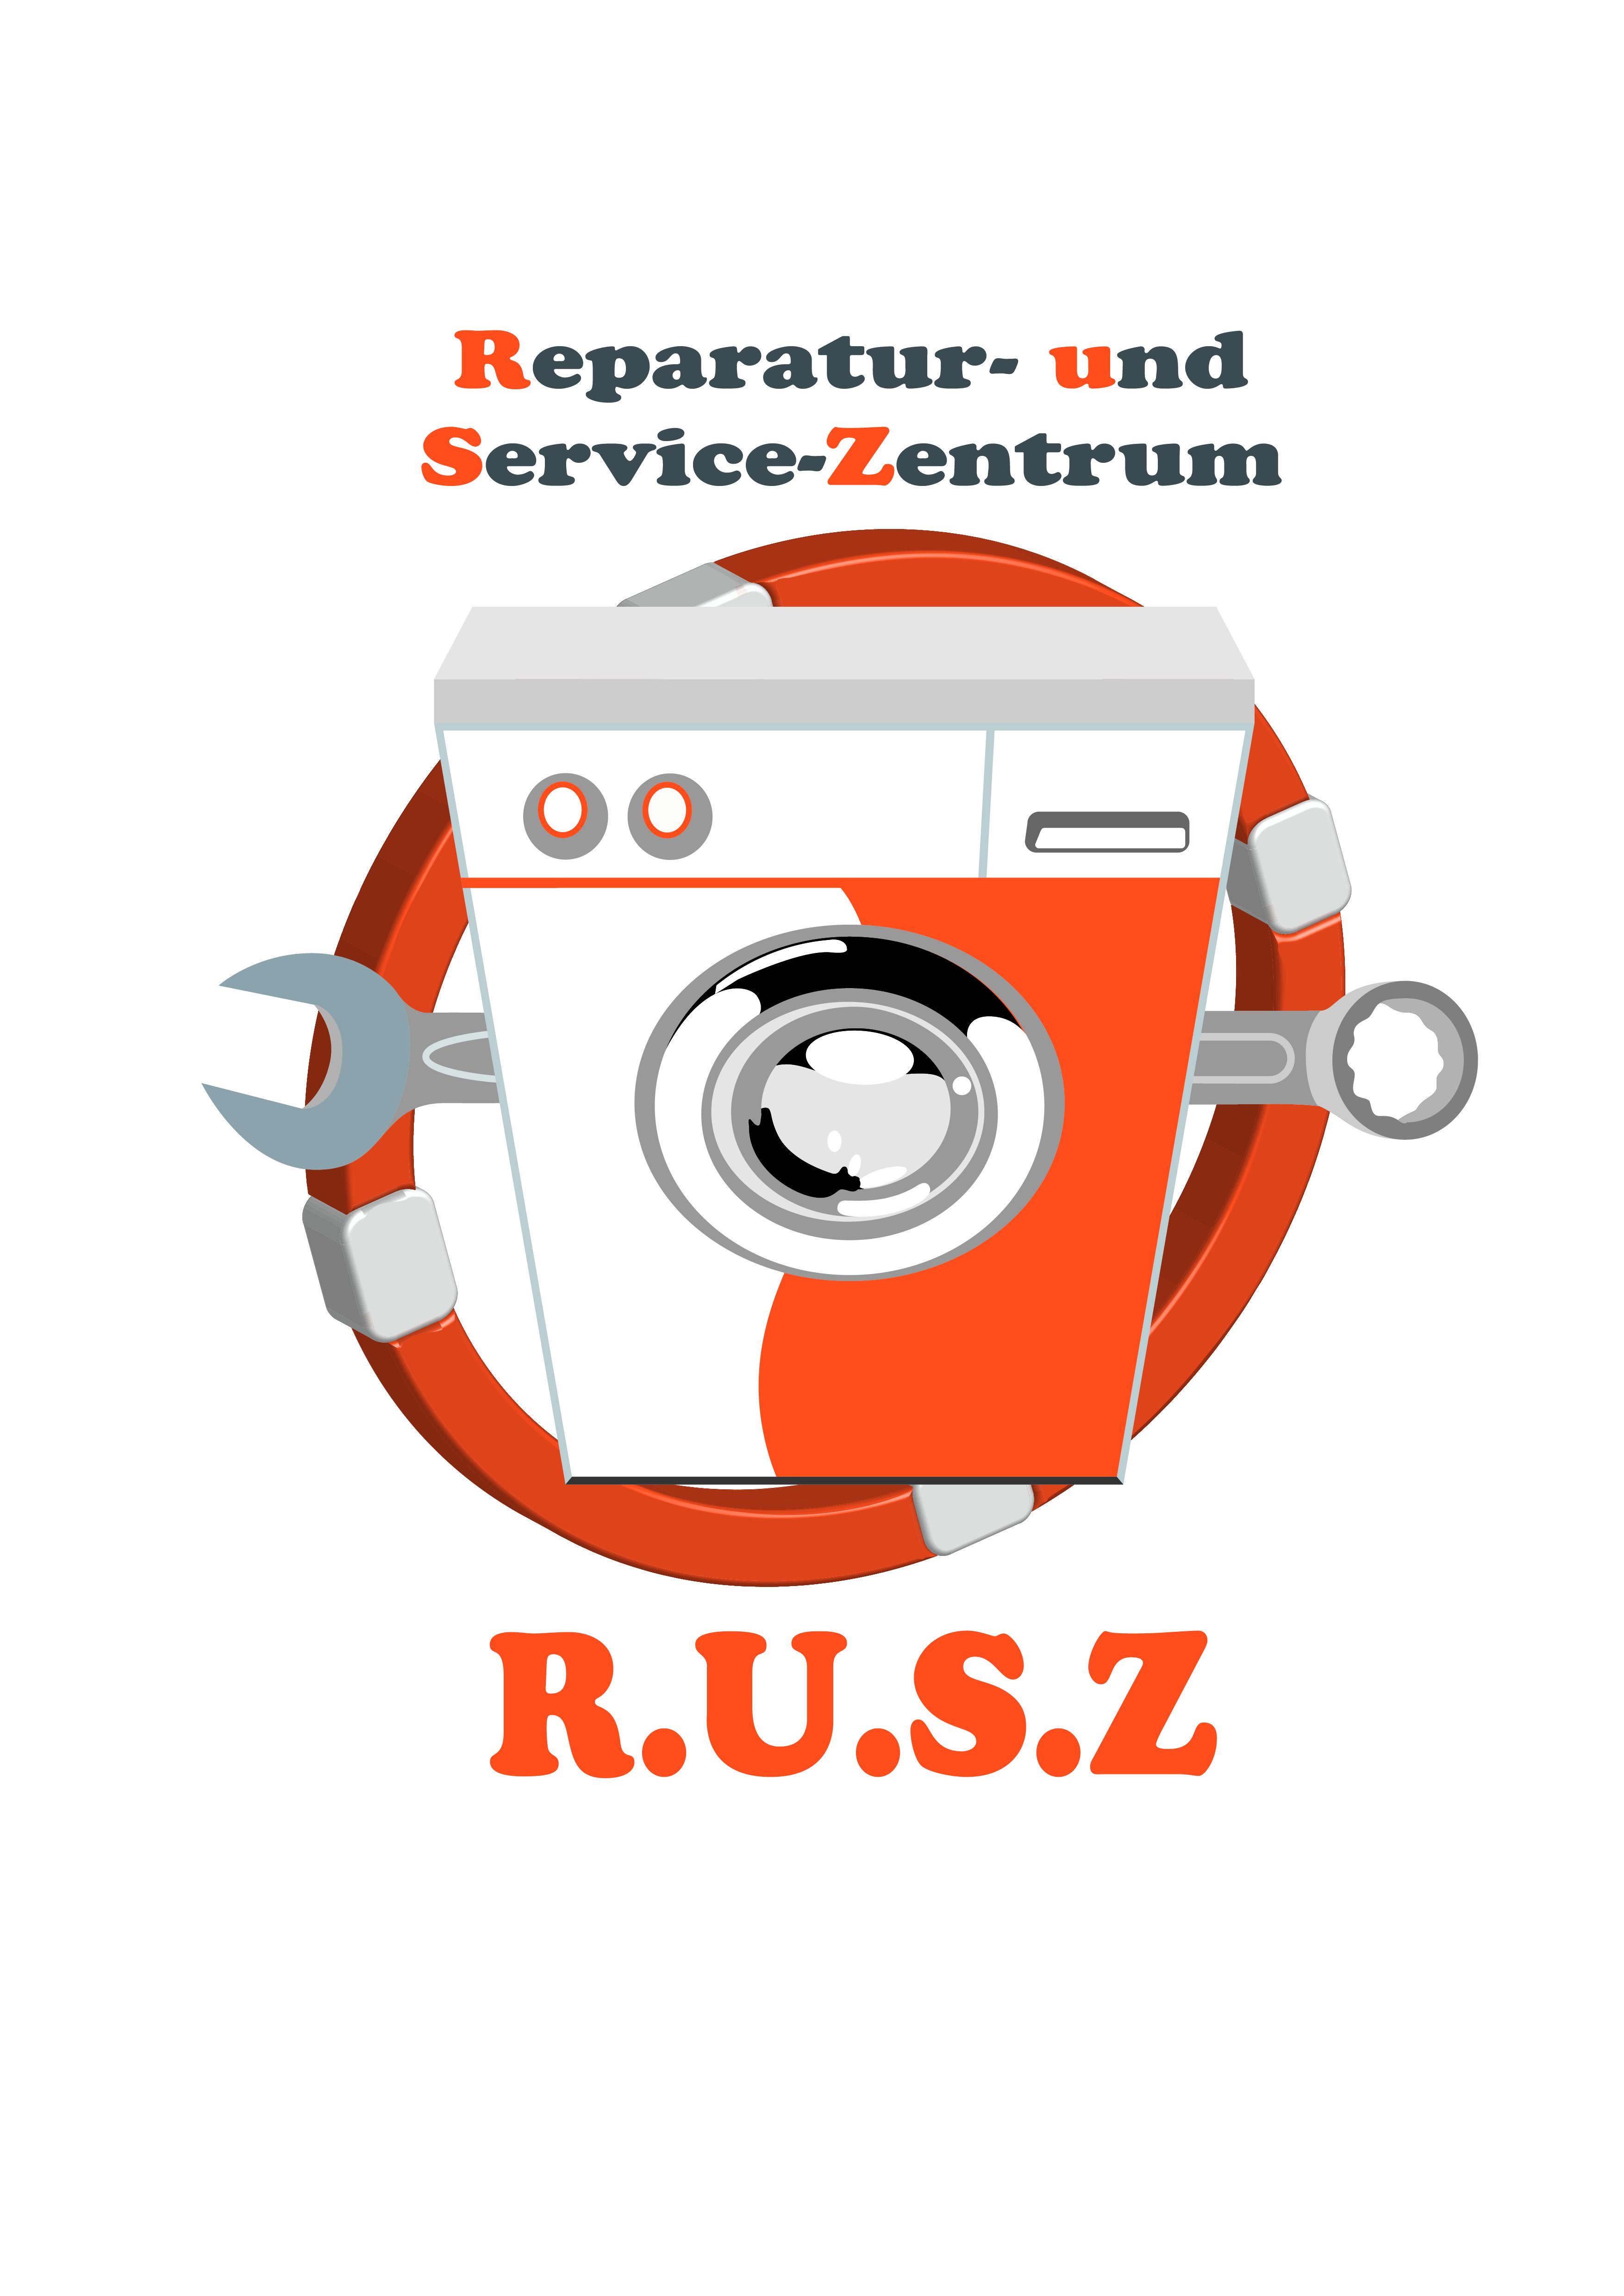 Reparatur- und Service-Zentrum R.U.S.Z